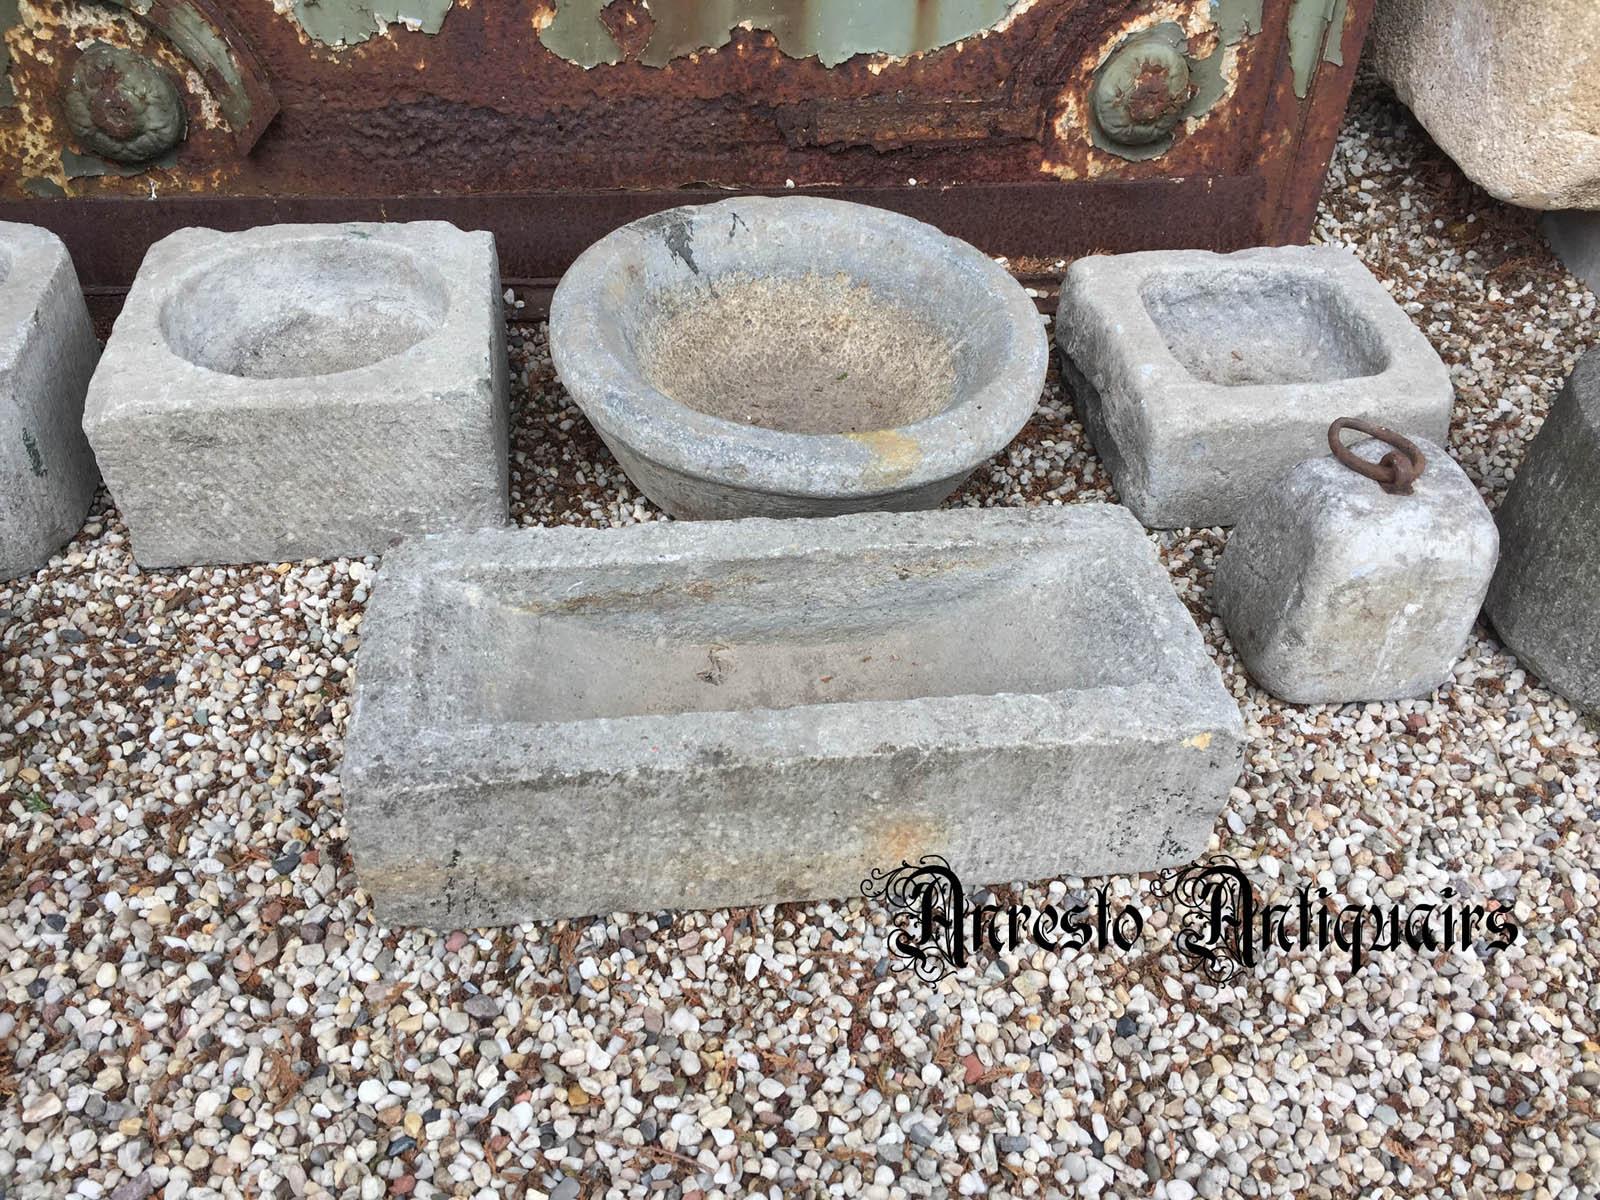 Ref. 20 - Antieke voederbakken, oude voederbakken